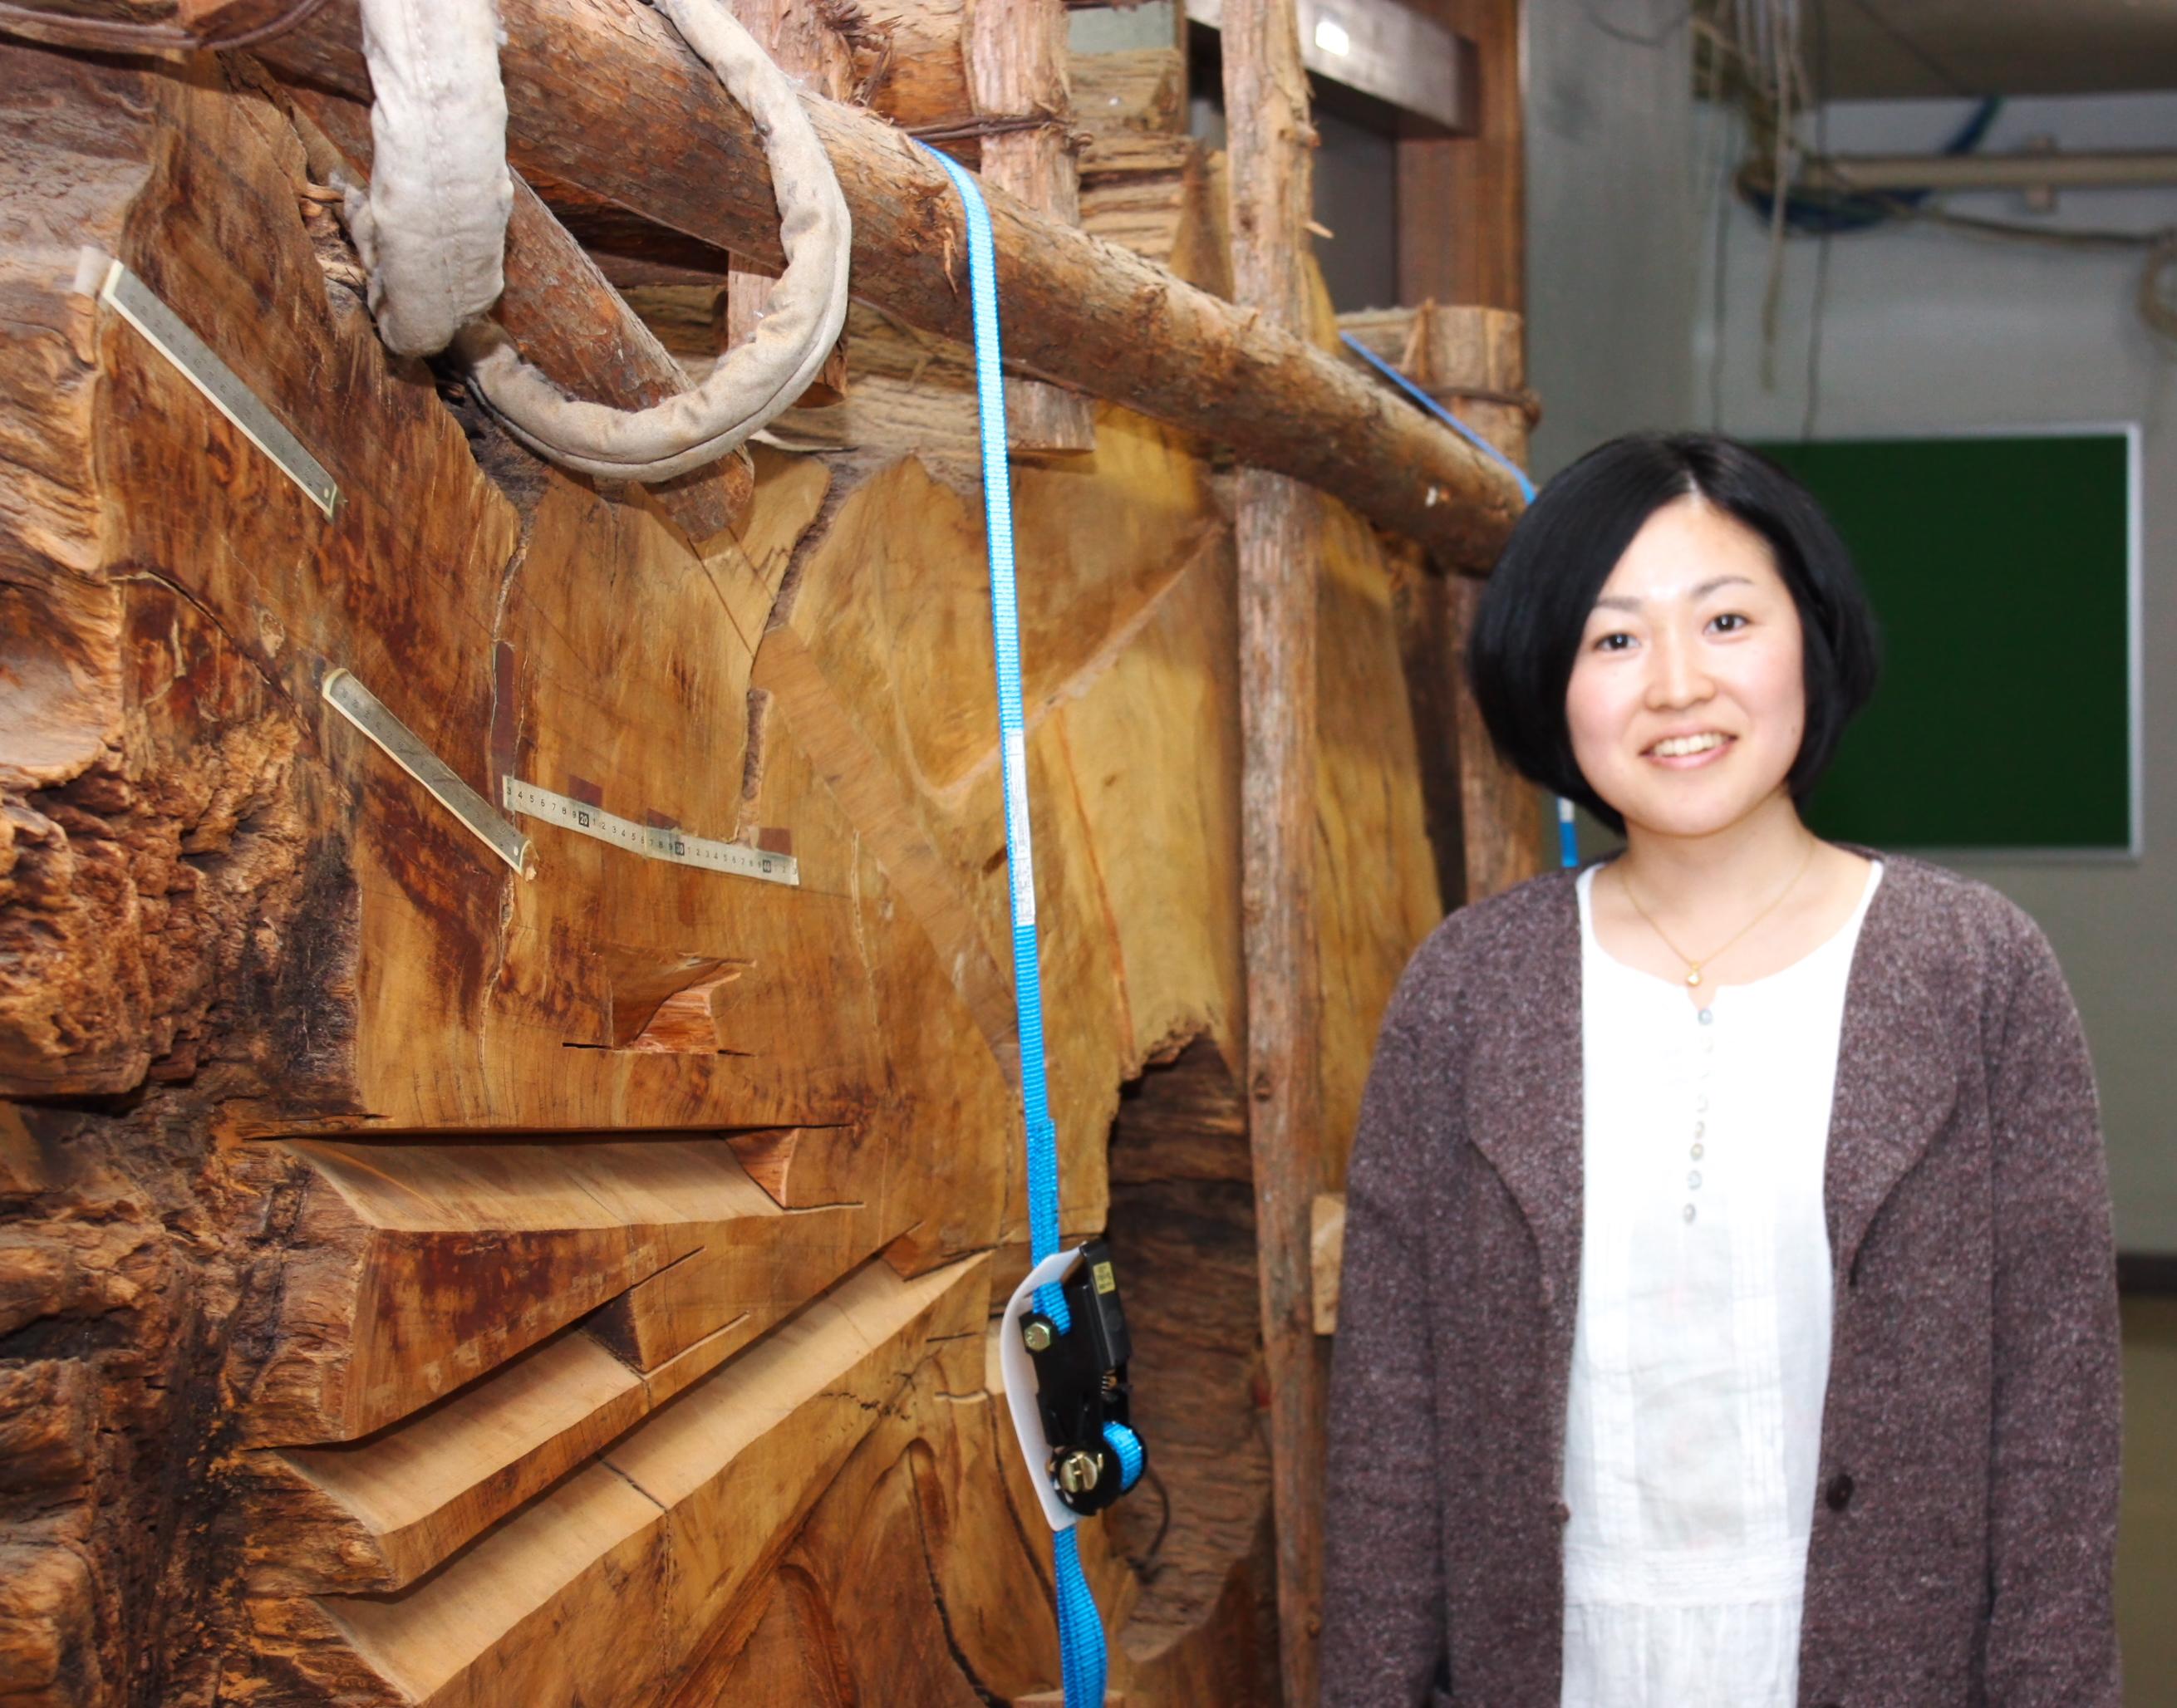 """Fusa. Miyake, první autorka studie a vedoucí kolektivu z Institute for Space-Earth Environmental Research, Na své ústavní stránce má vzkaz pro studenty: """"Když jsem byla na střední škole, byla jsem špatná ve fyzice i matematice. Ale vytrvala jsem, aby"""